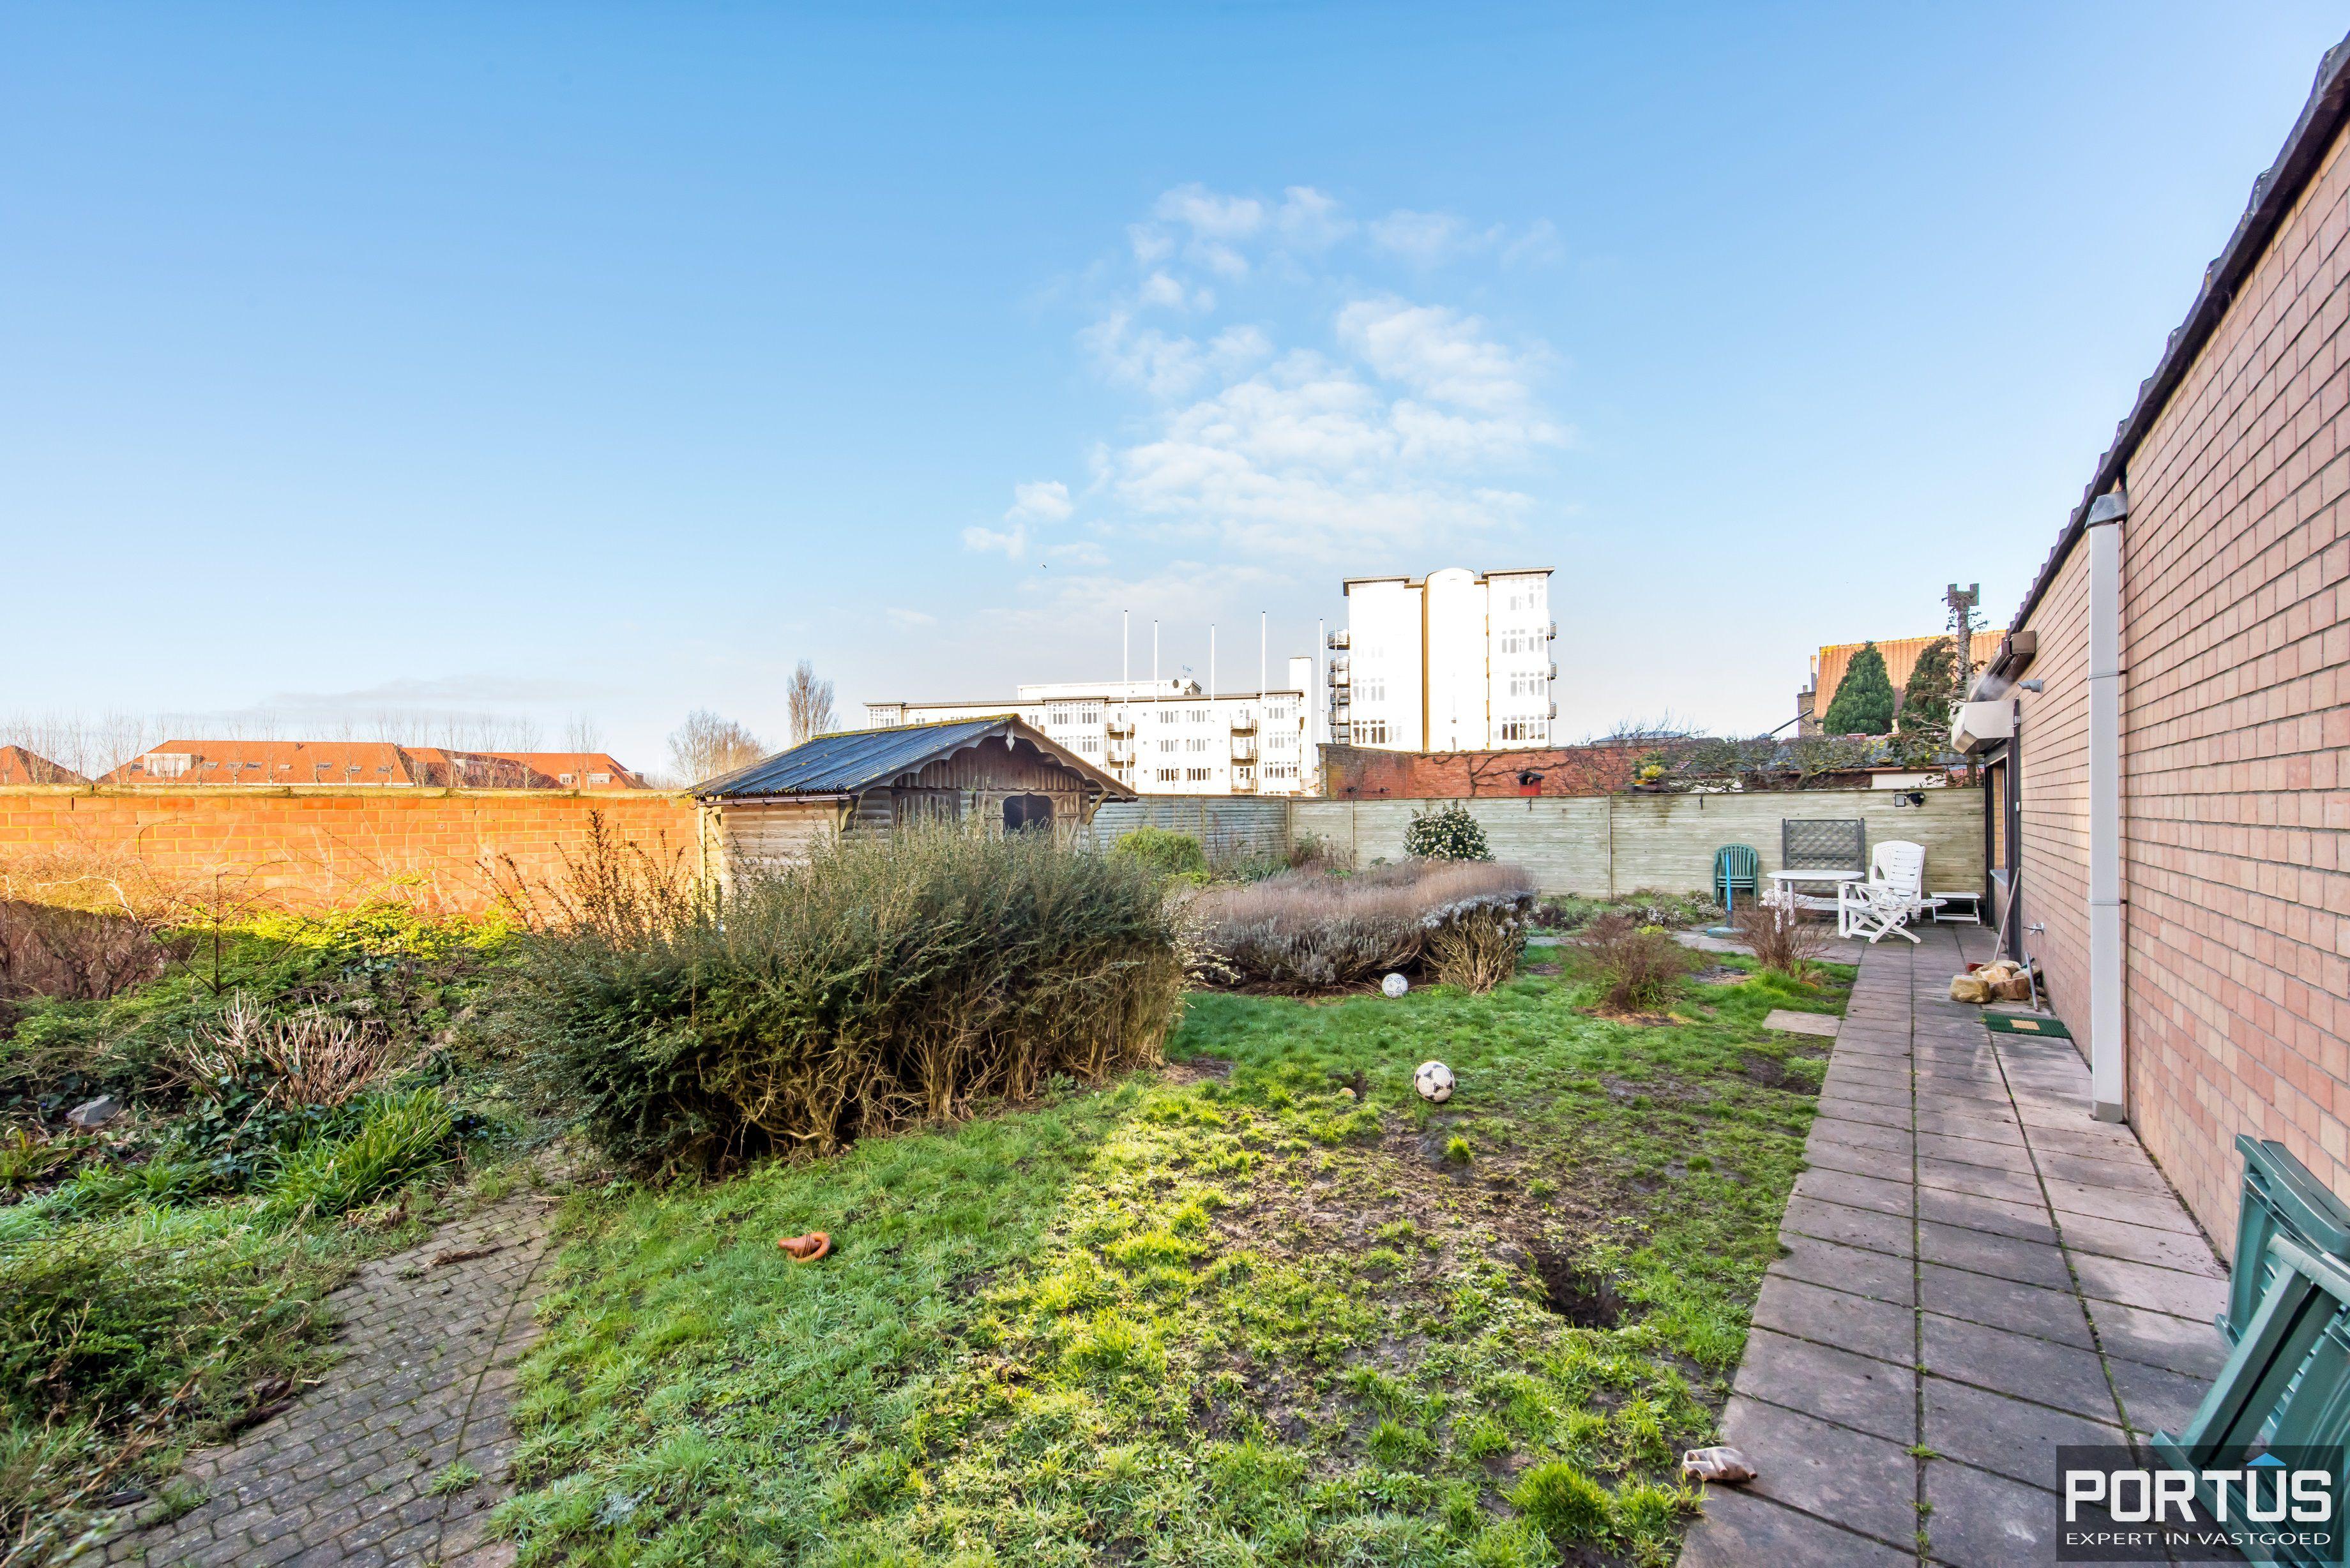 Woning met 4 slaapkamers en grote tuin te koop - 10801